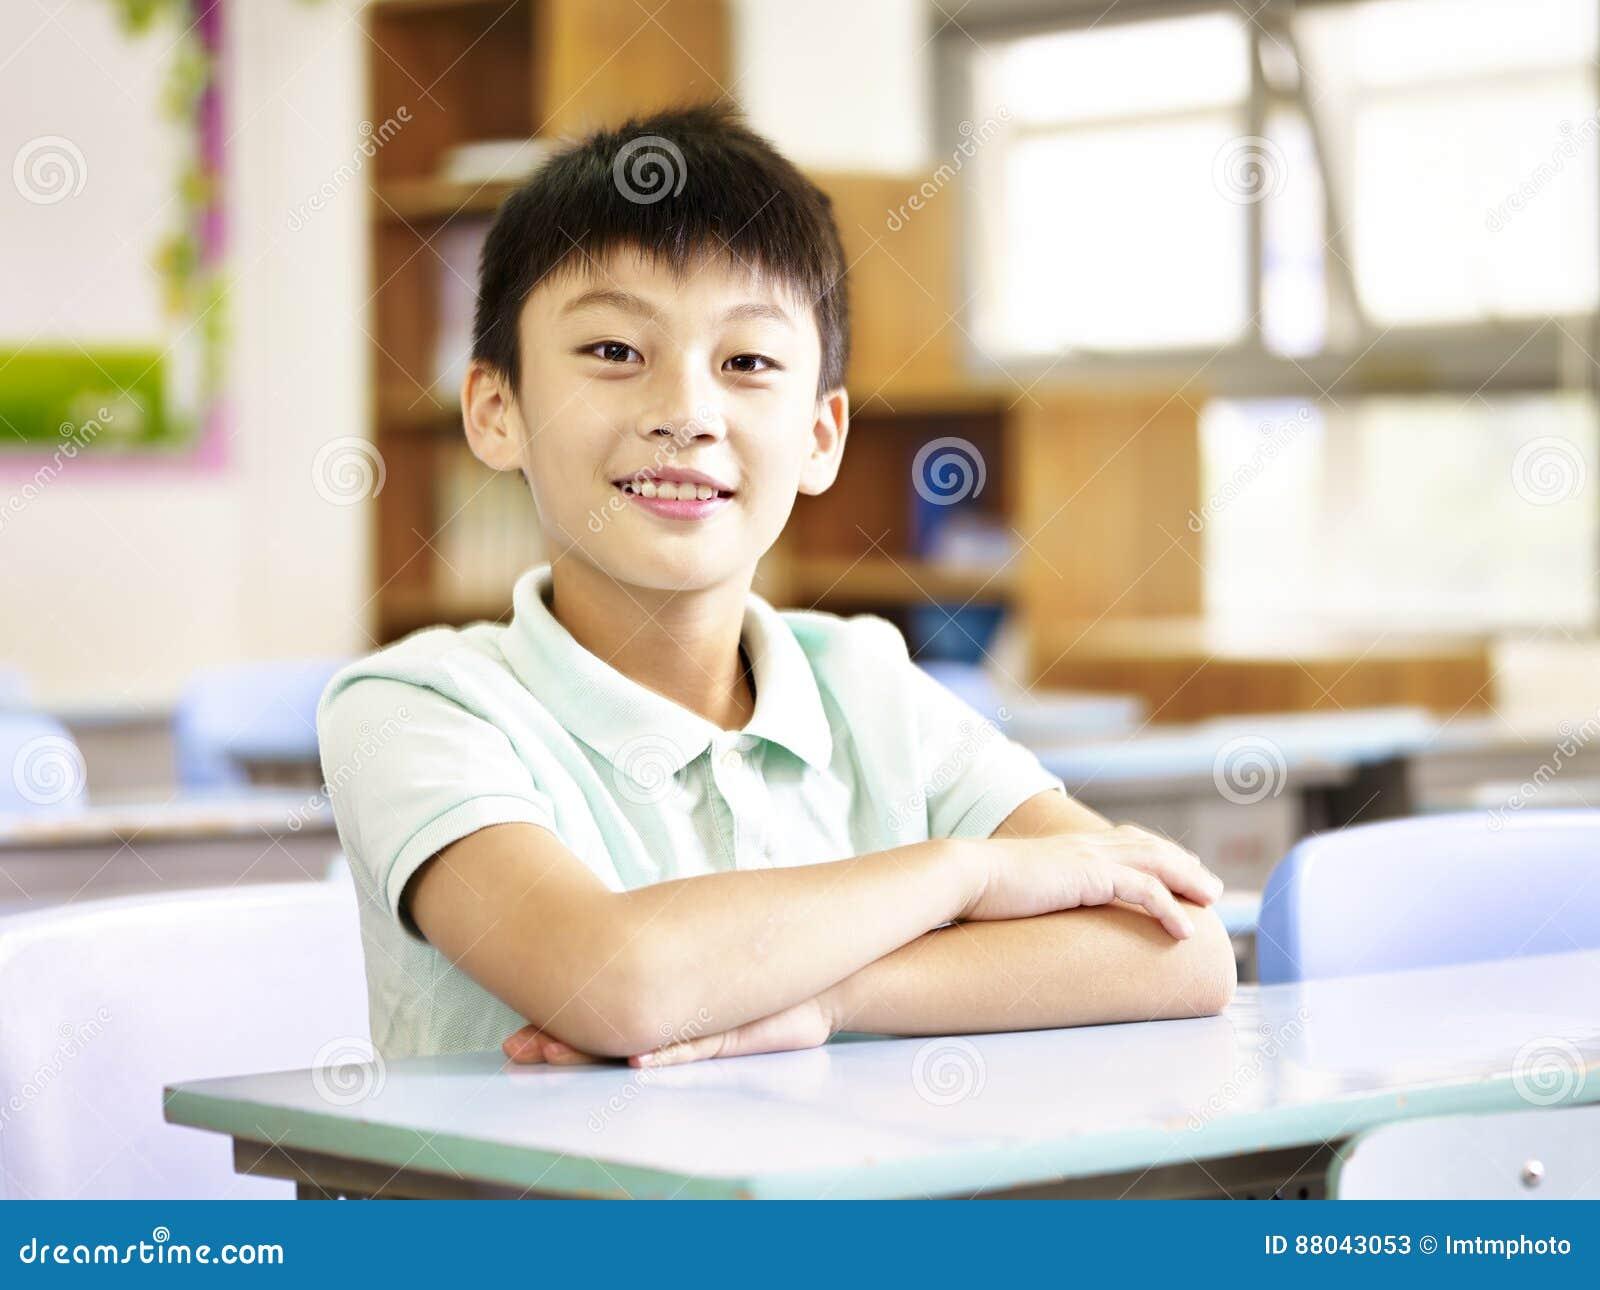 Porträt eines asiatischen Grundschülers